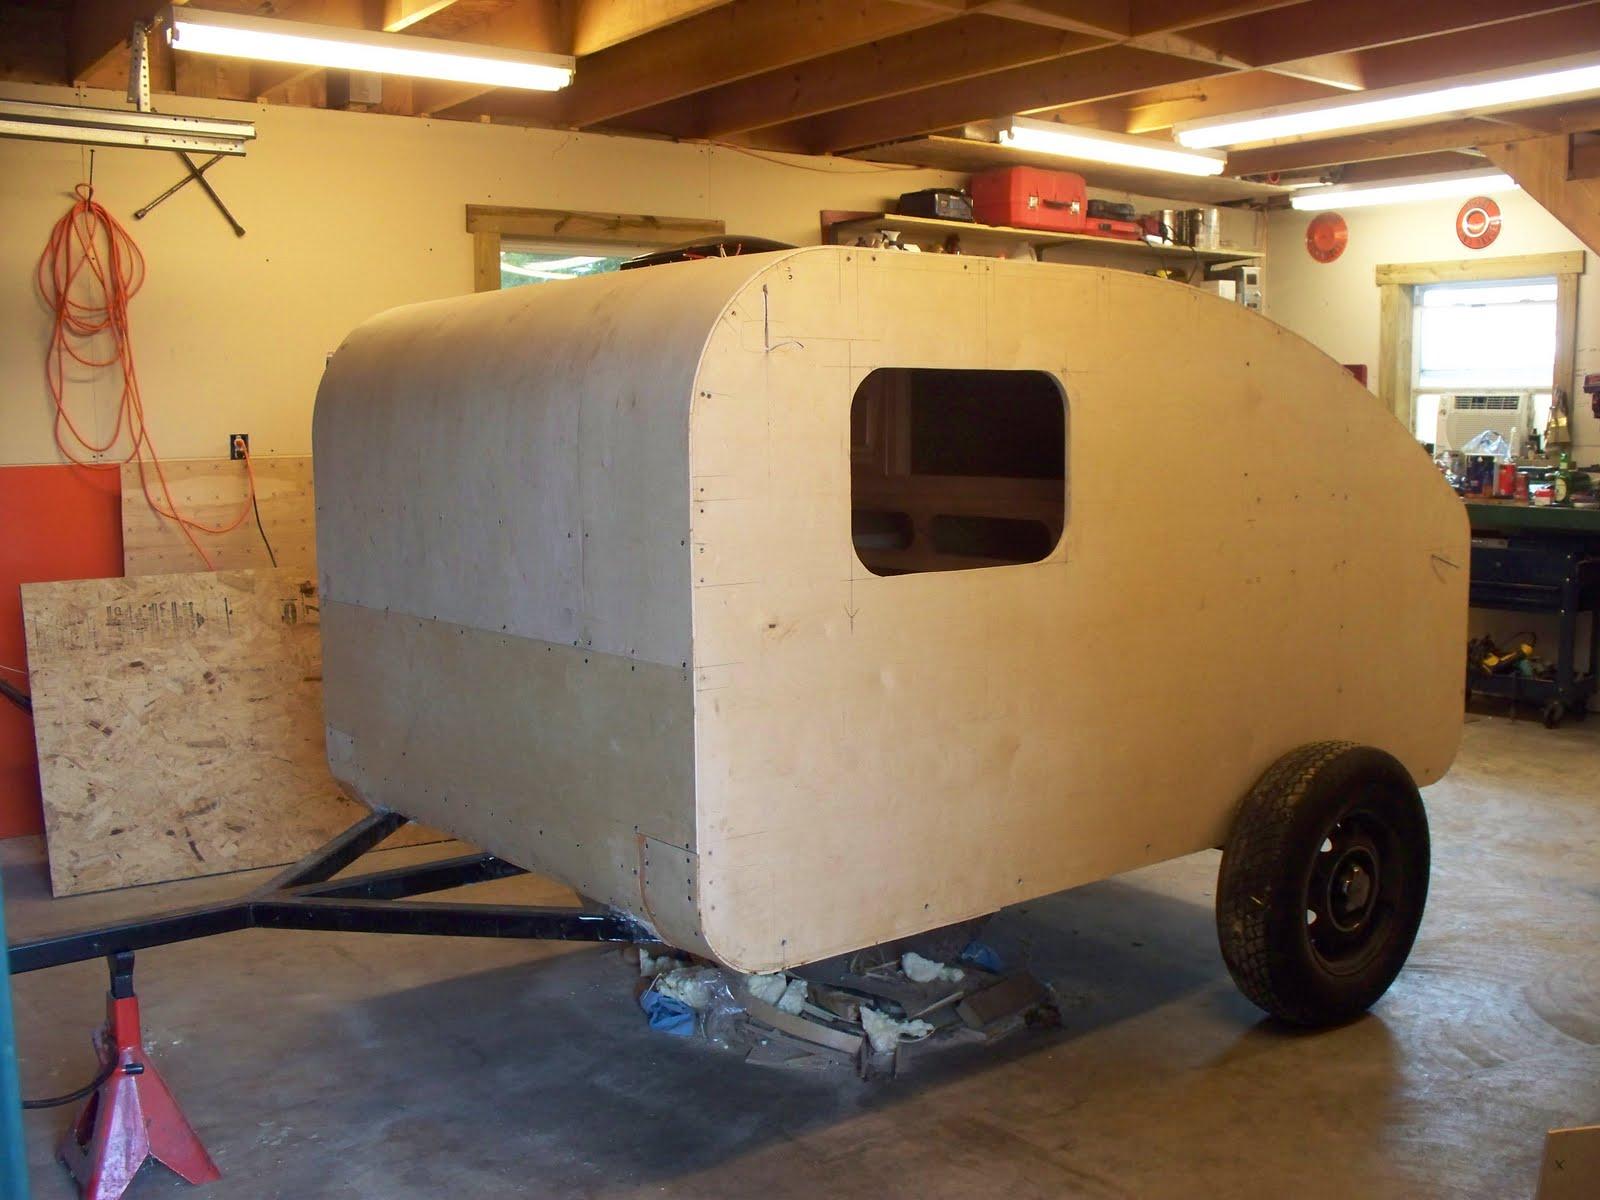 Httpsdie2nitewiki Com1 4 Inch Birch Plywood Underlayment: Teardrop Camper Build By Rpdynalo: 2011